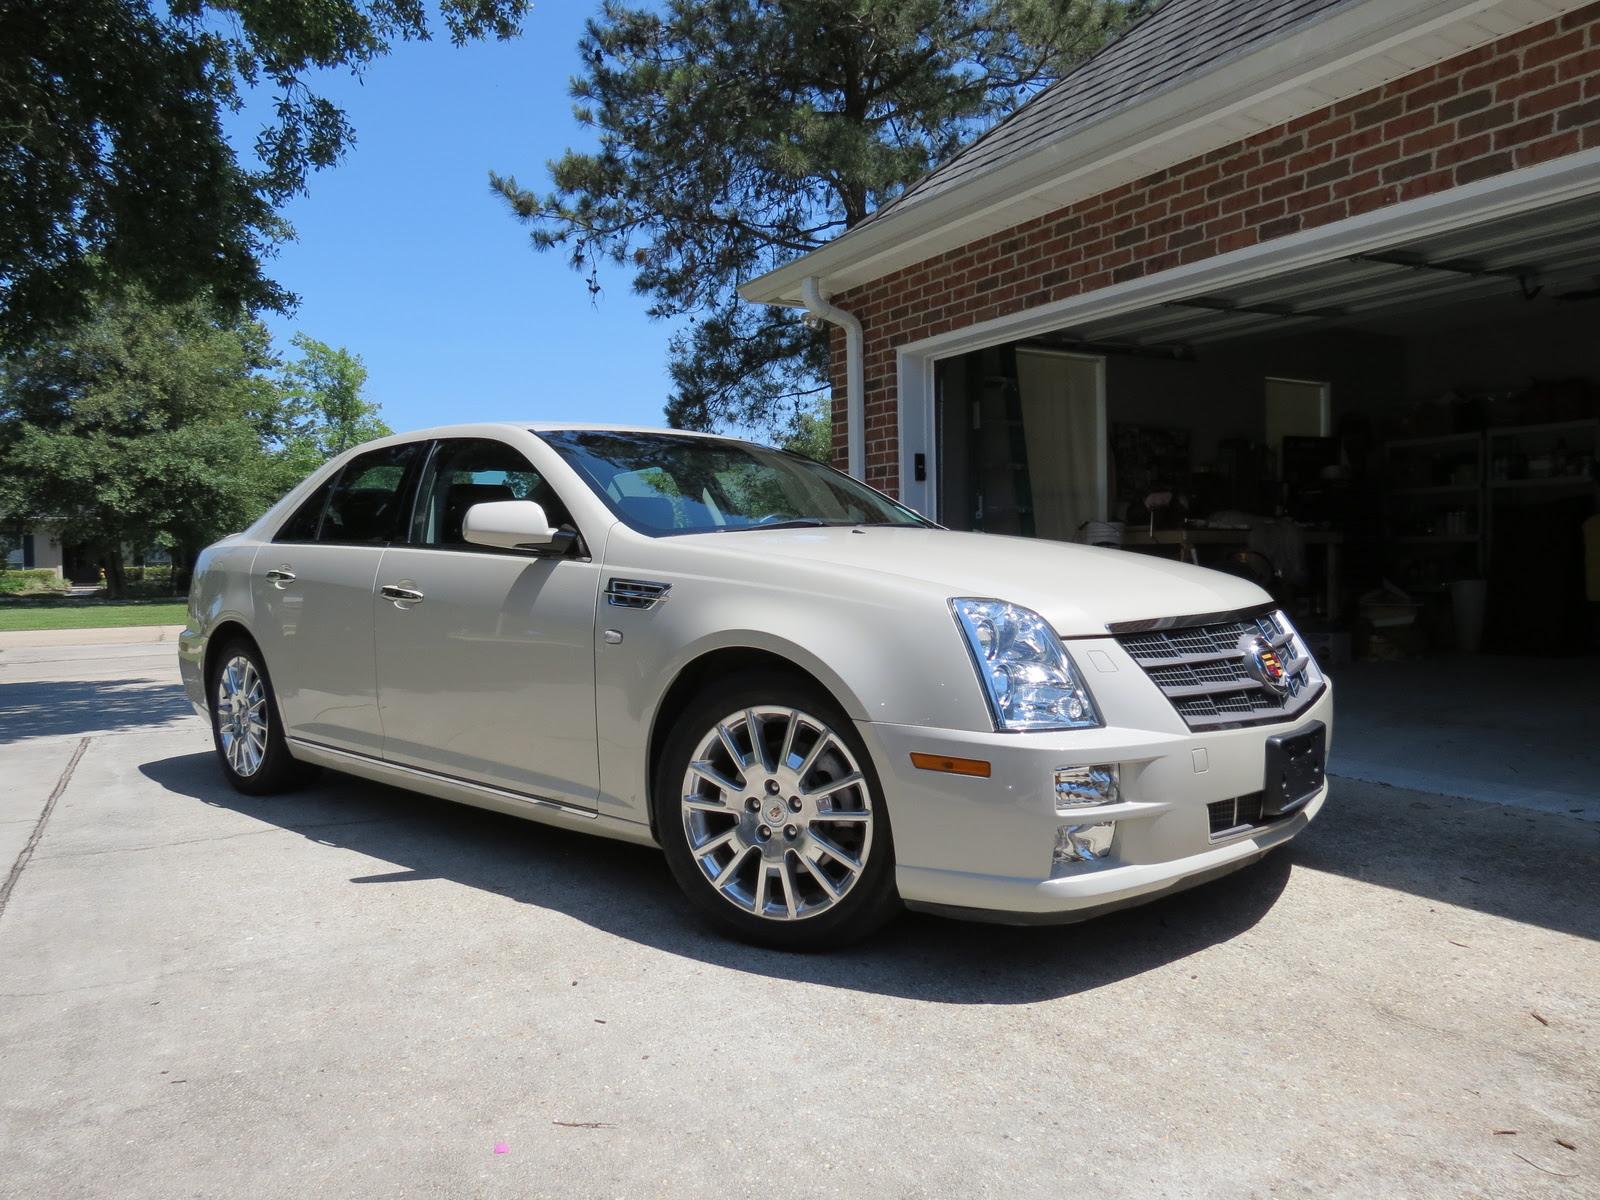 2010 Cadillac STS - Exterior Pictures - CarGurus